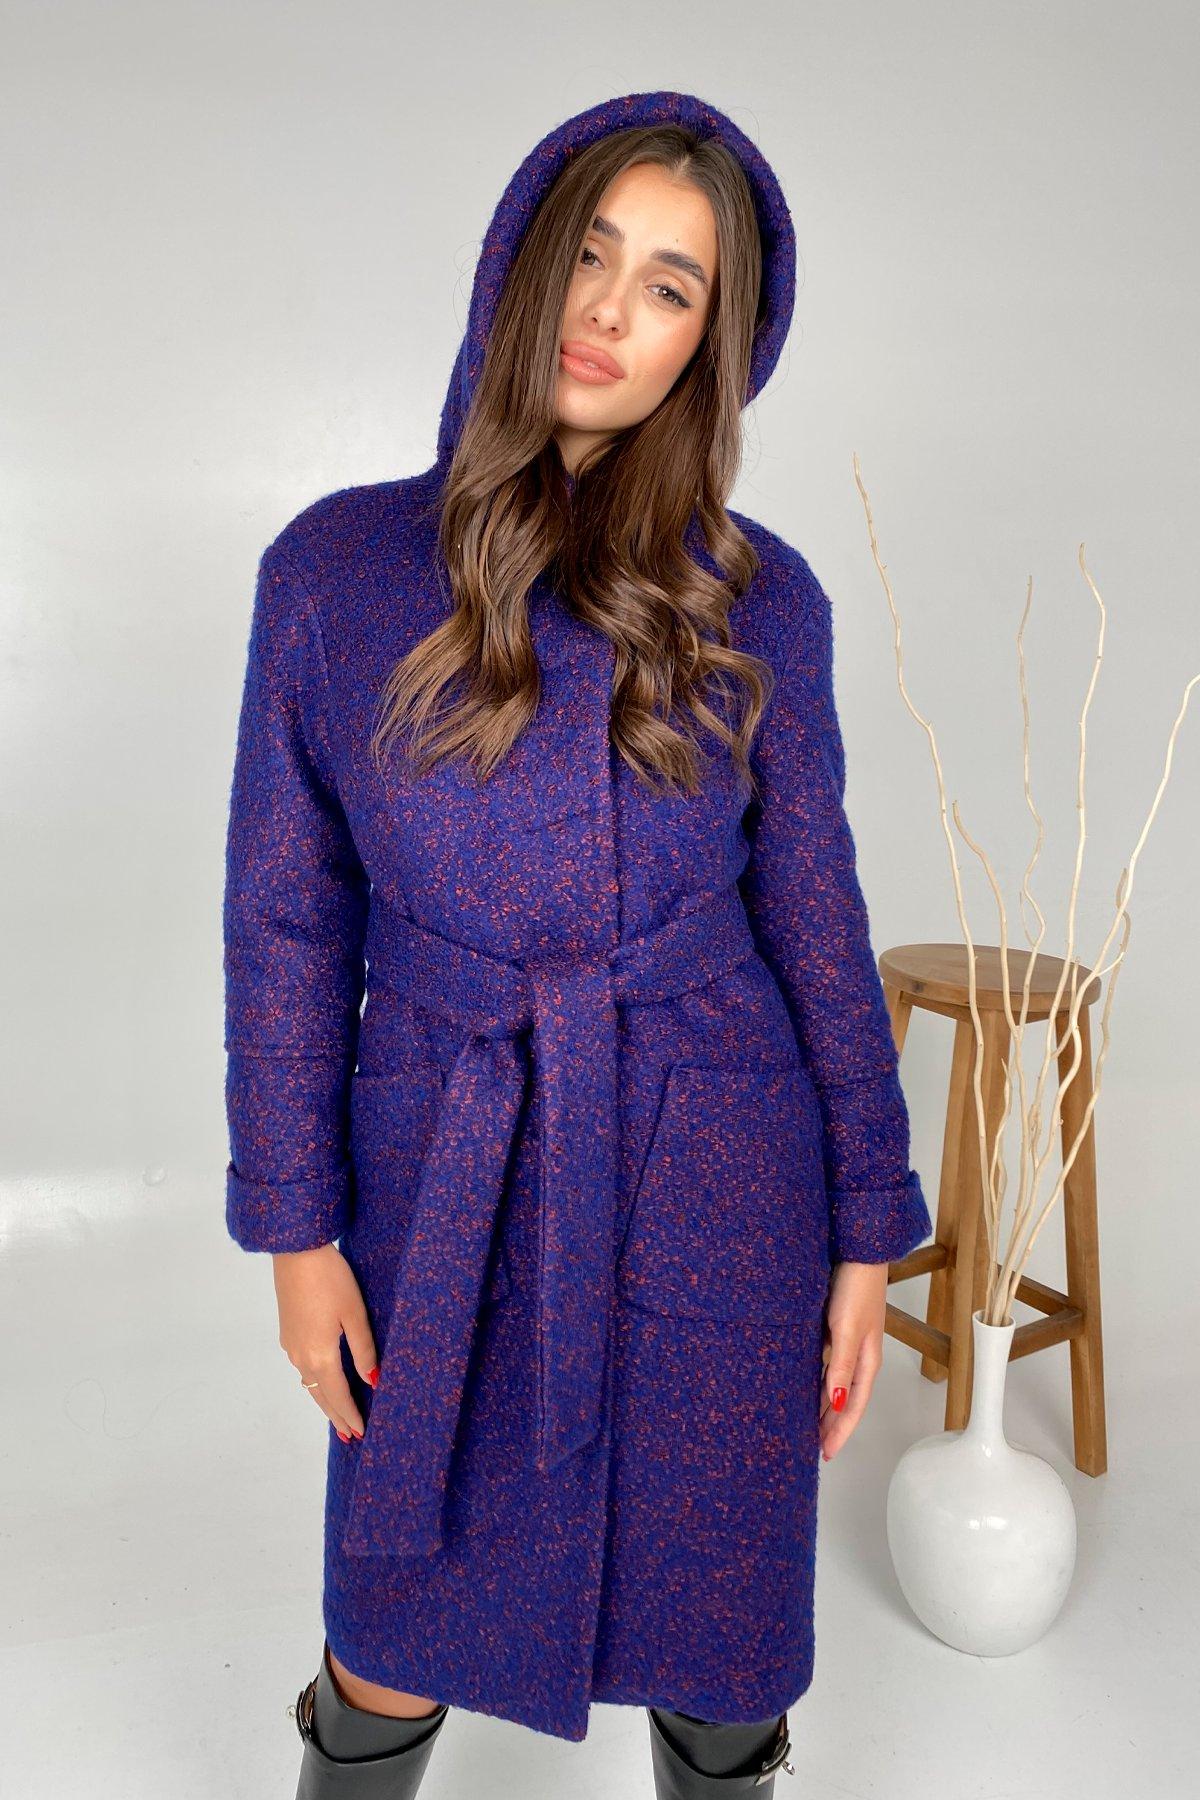 Пальто зима шерсть букле Анита 8320 АРТ. 44770 Цвет: Т.синий/марсал - фото 3, интернет магазин tm-modus.ru